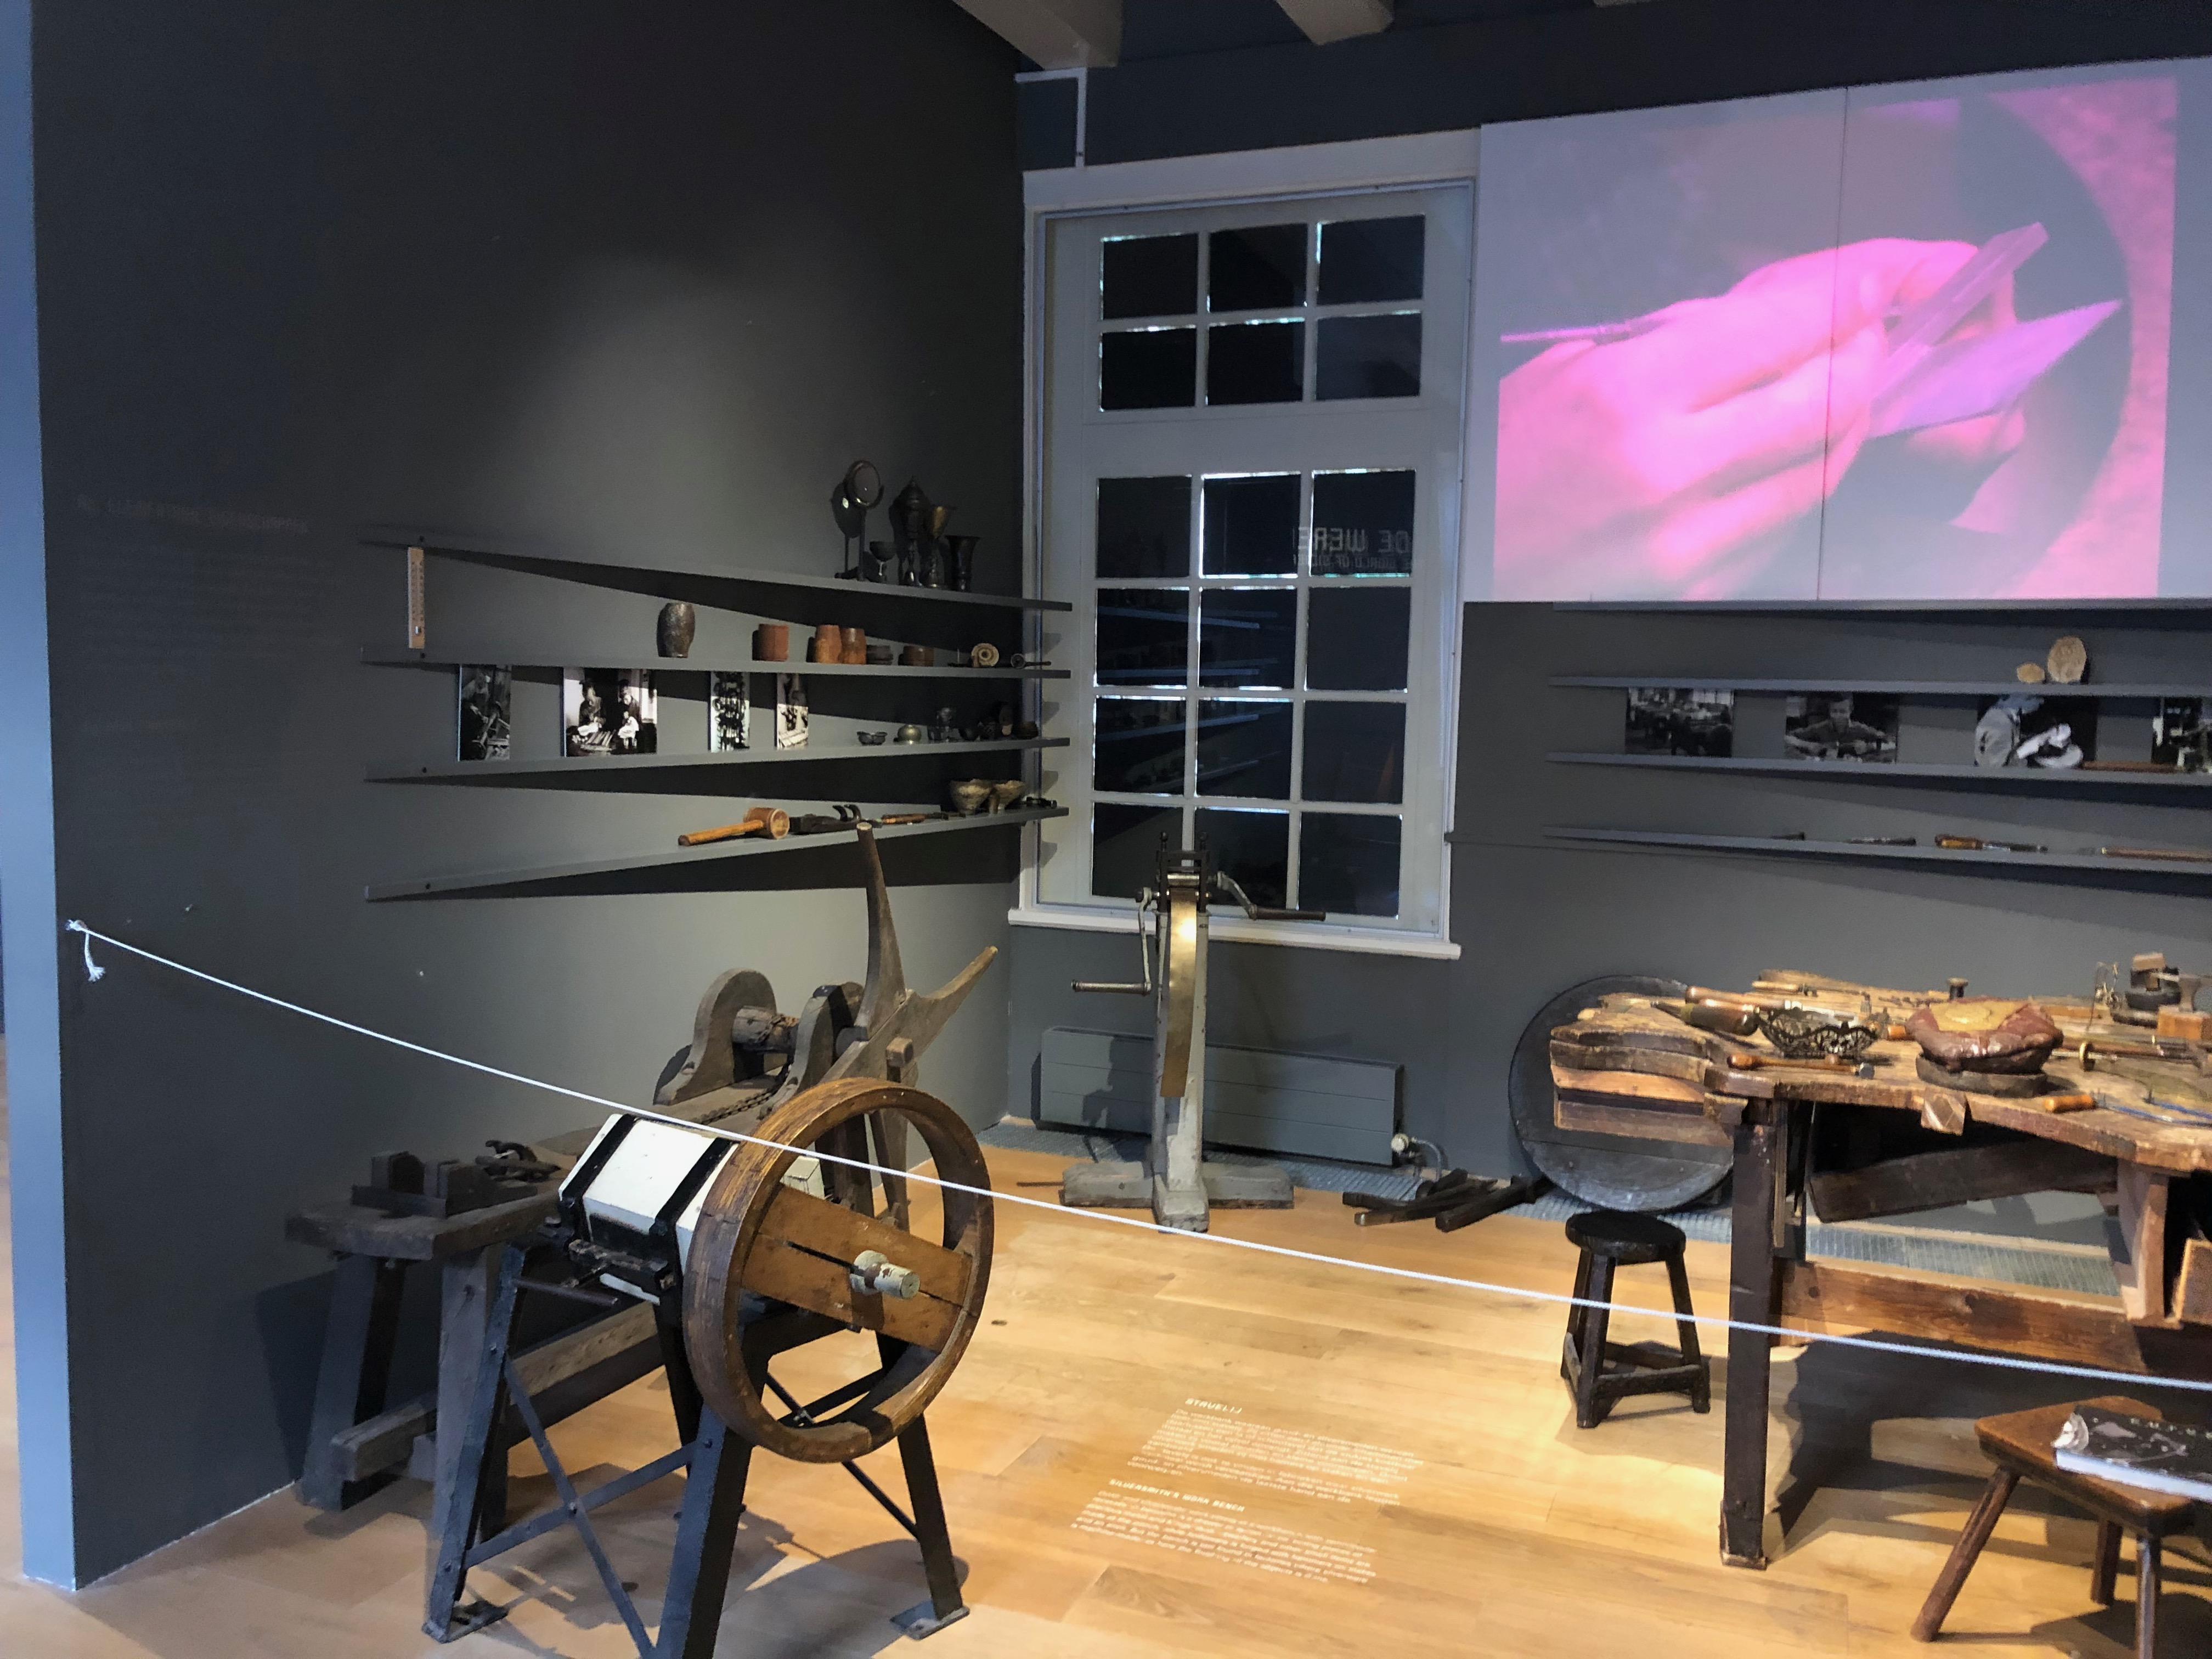 Zilvermuseum Schoonhoven, vaste opstelling, 2019. Foto Hanno Lans, werkbank, gereedschap